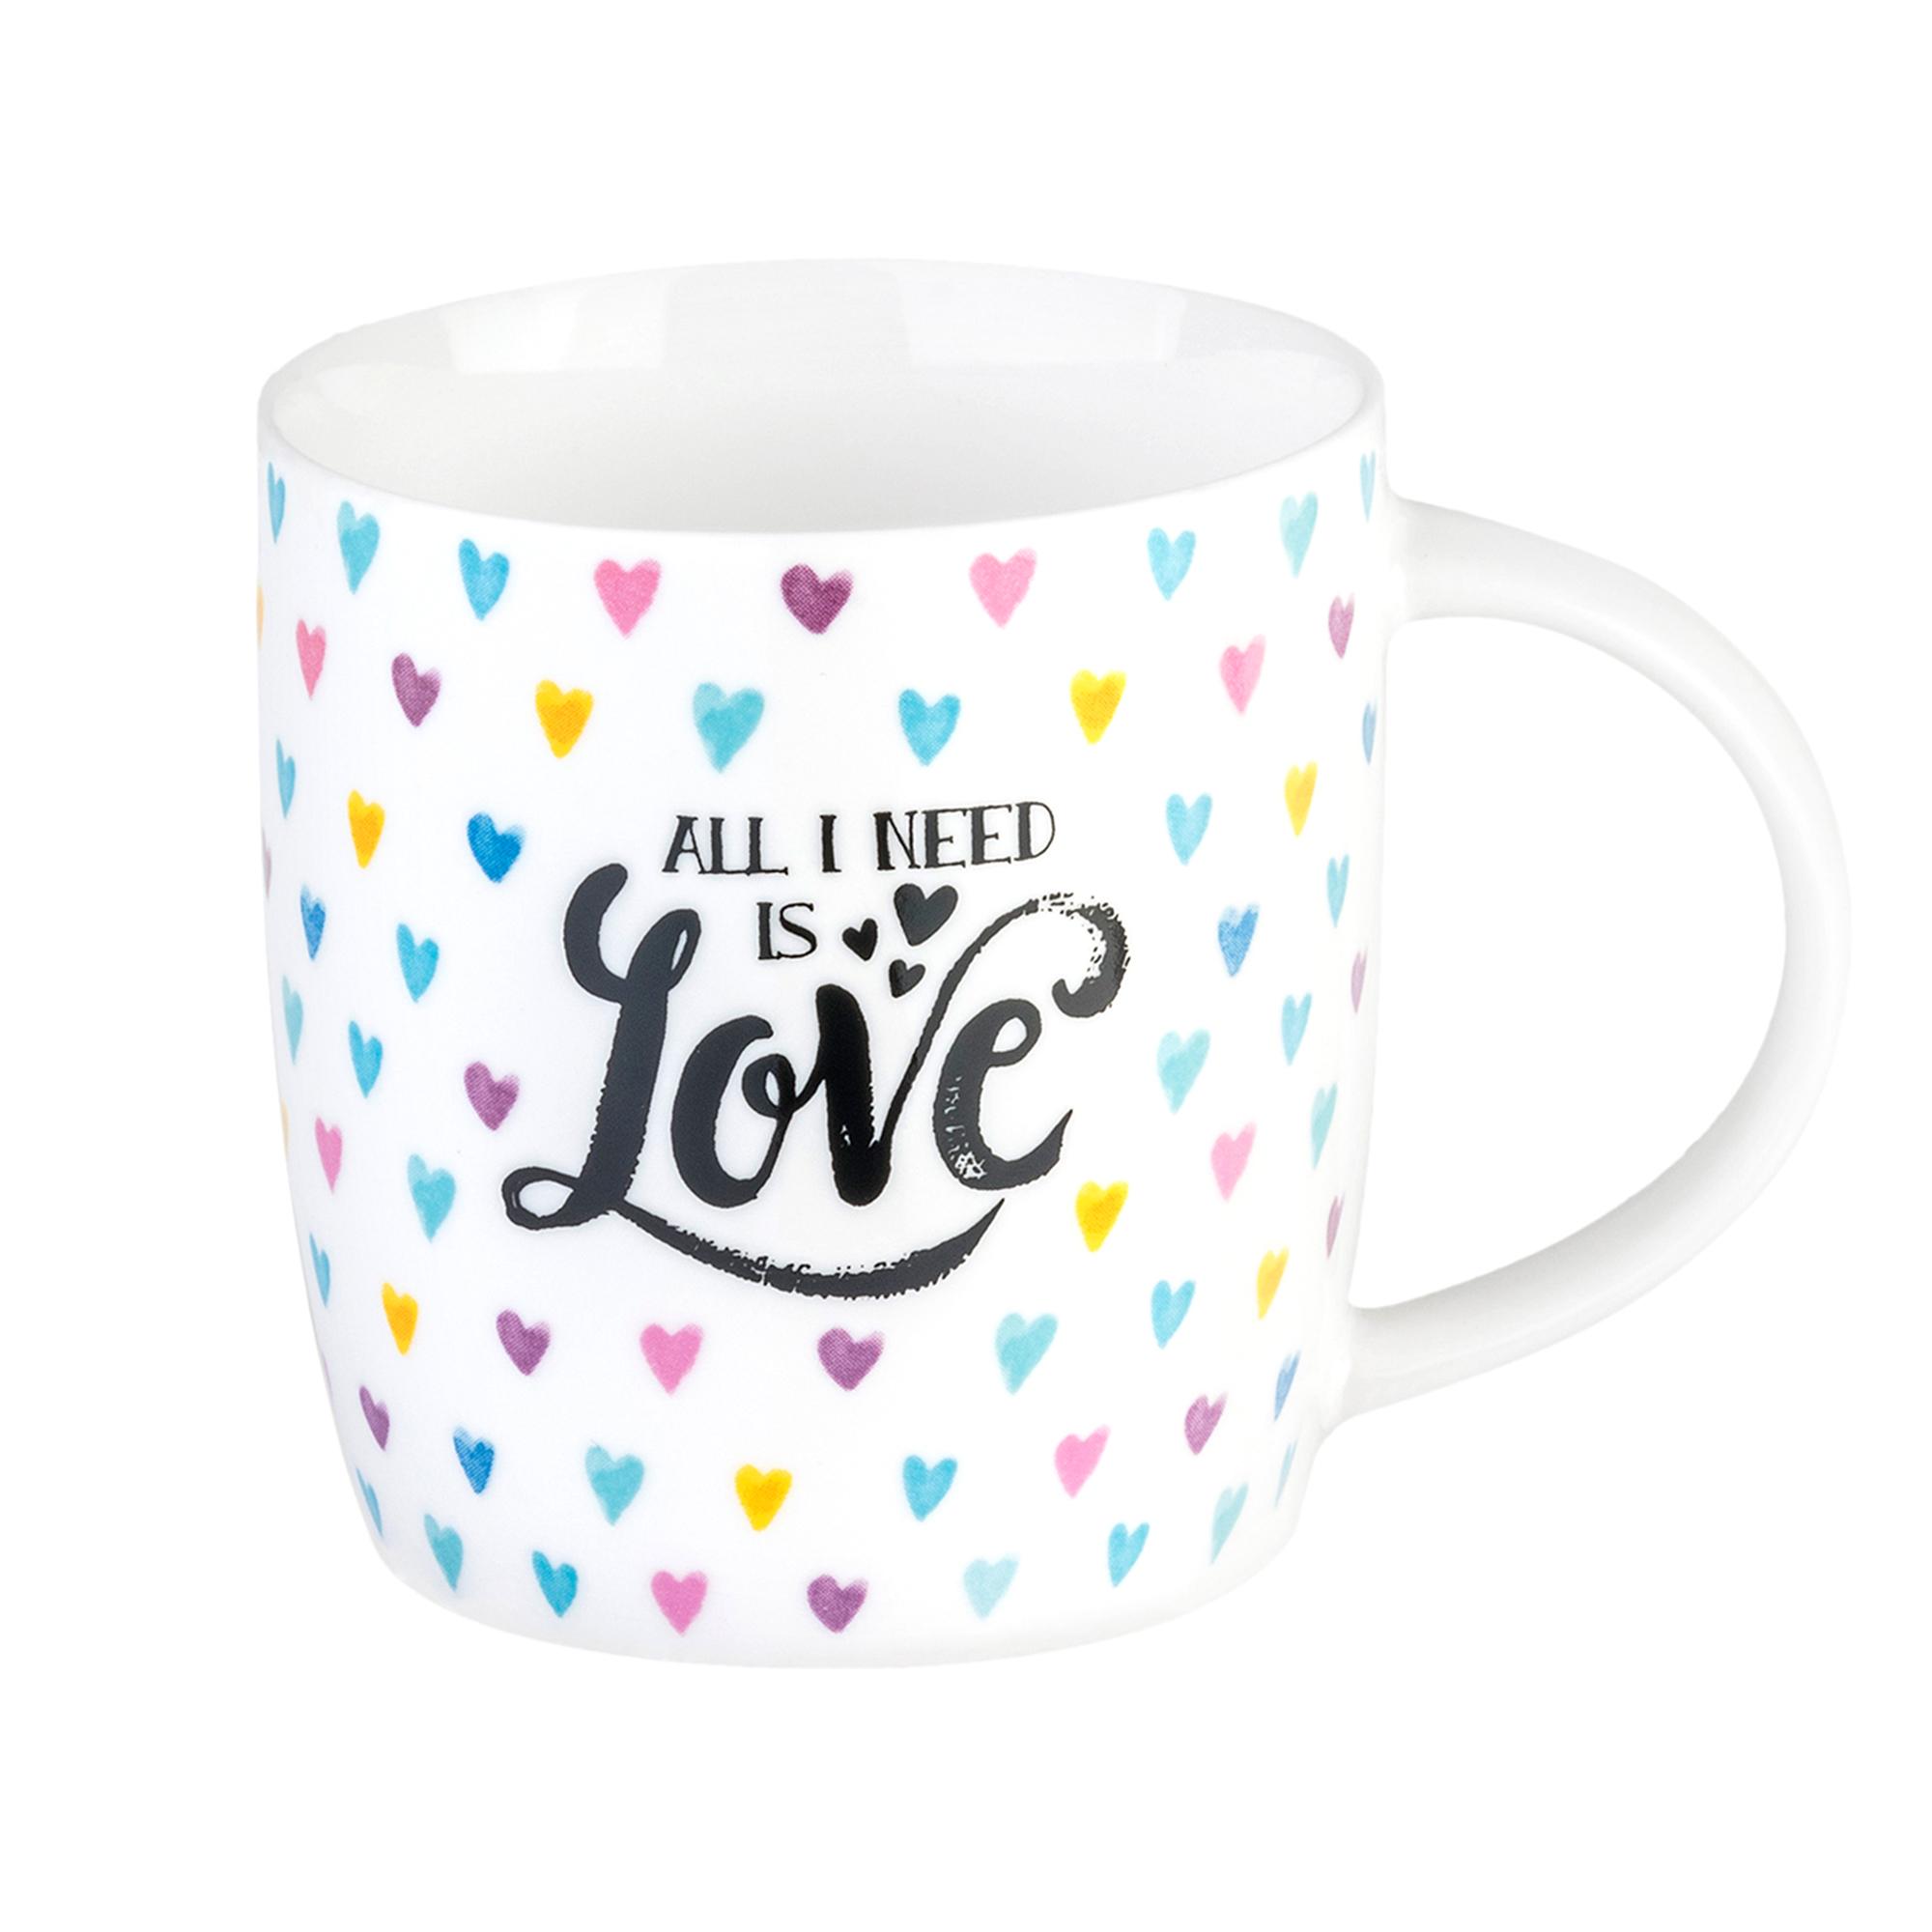 Legami Aphorism Mug All I Need 350ml